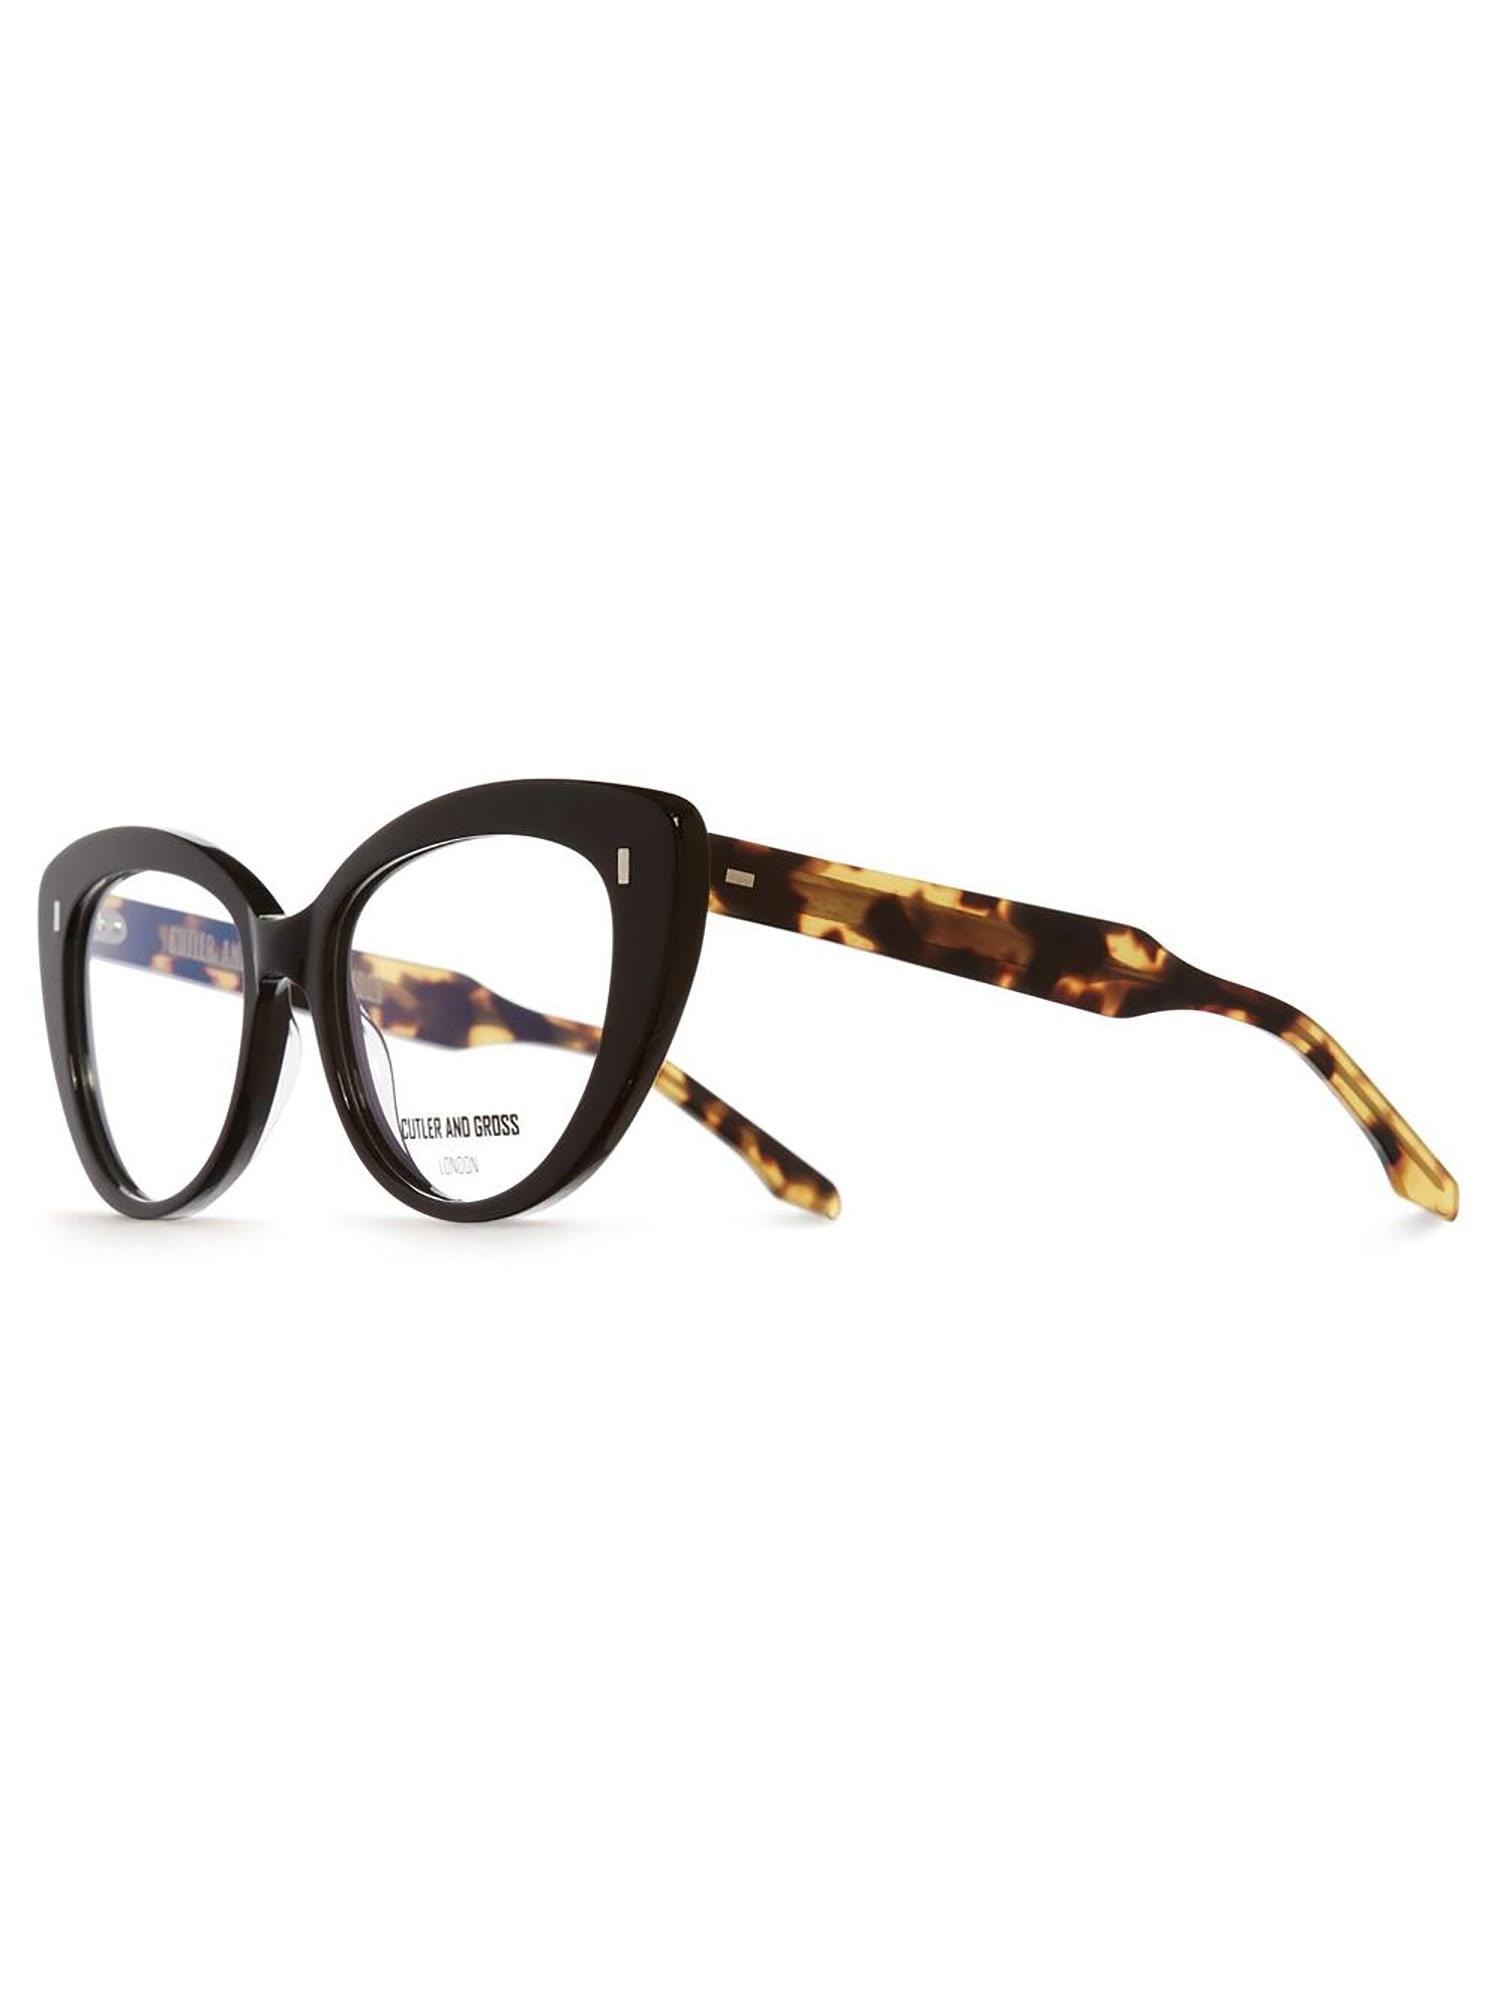 1350 Eyewear